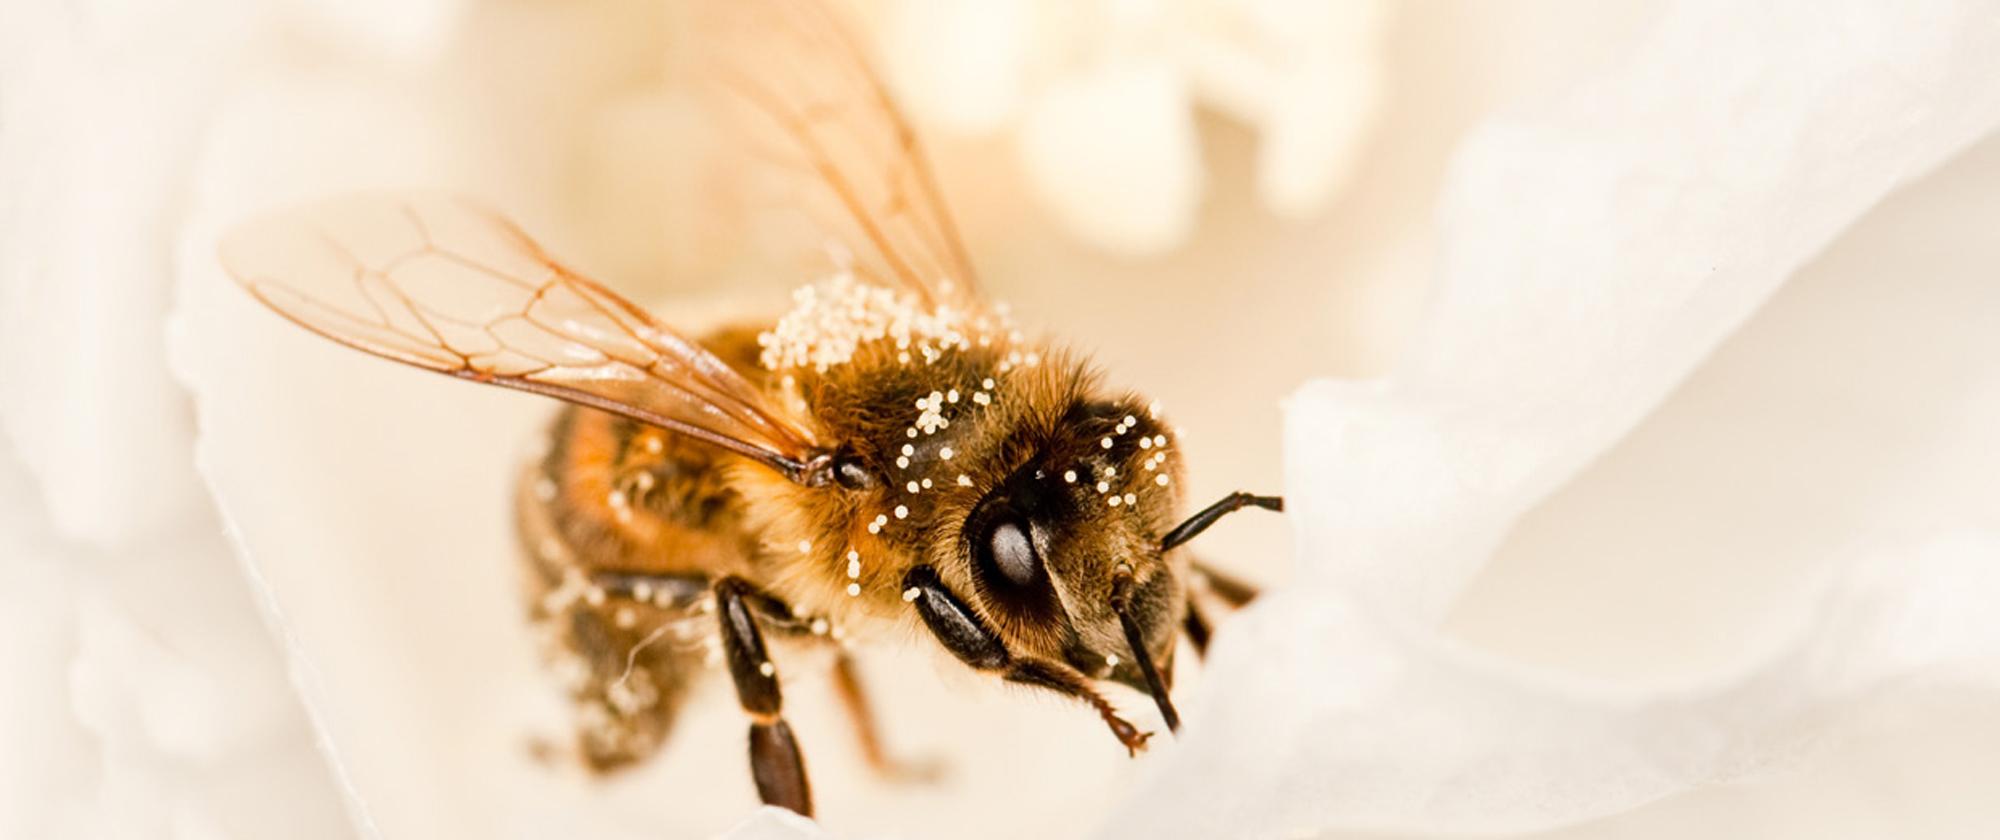 public://itr_longread/aan-de-slag-voor-bijen_besturen_2_groter.jpg